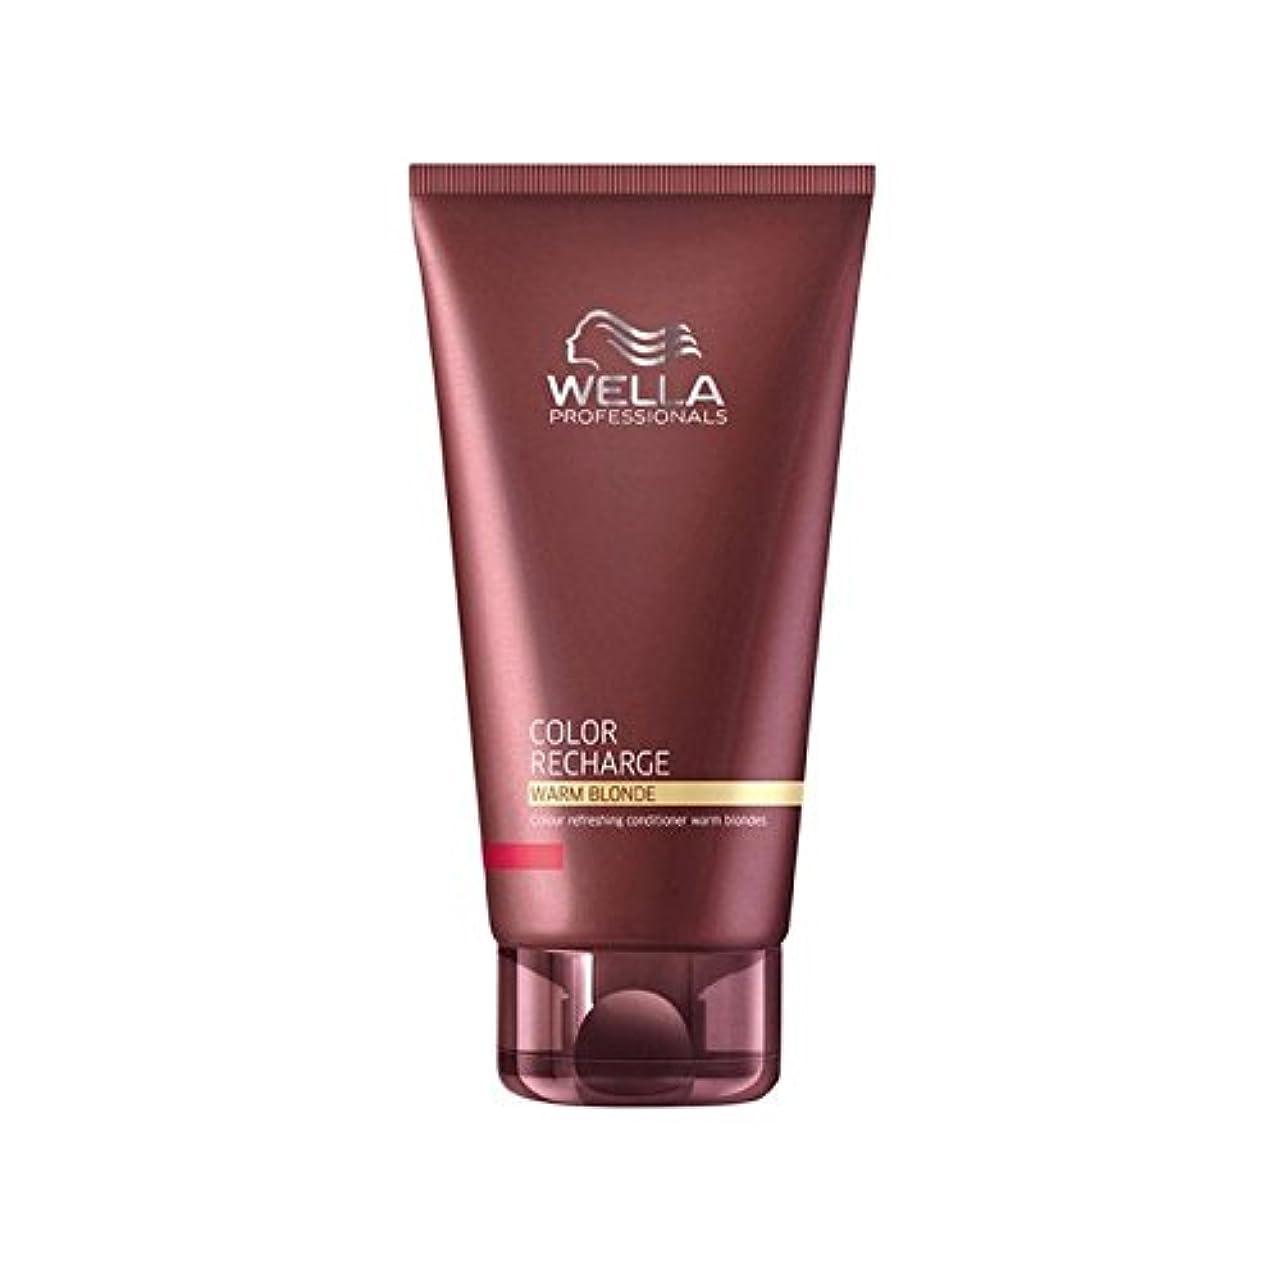 含意ベリー該当するウエラ専門家のカラー再充電コンディショナー暖かいブロンド(200ミリリットル) x2 - Wella Professionals Color Recharge Conditioner Warm Blonde (200ml...